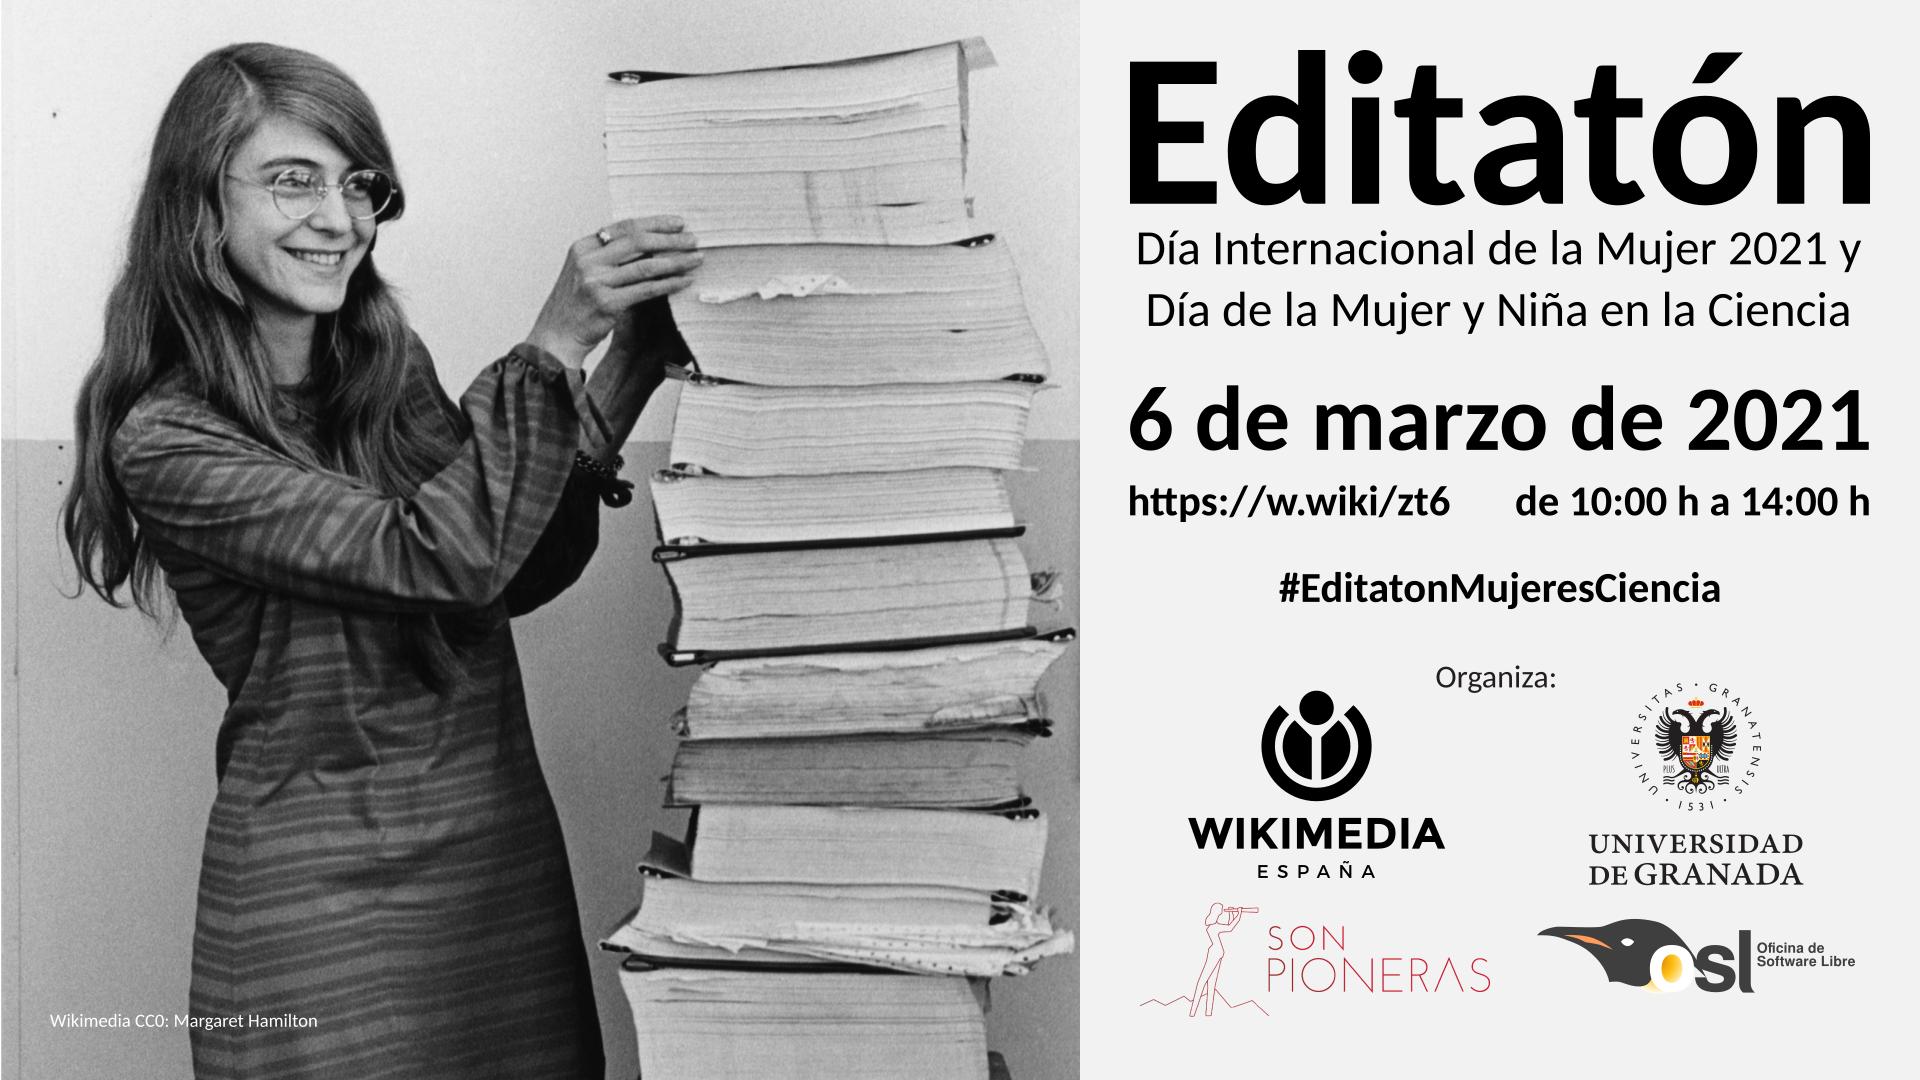 La Oficina de Software Libre de la UGR organiza el Editatón Mujeres en la Ciencia para aumentar la presencia de la mujer en Wikipedia